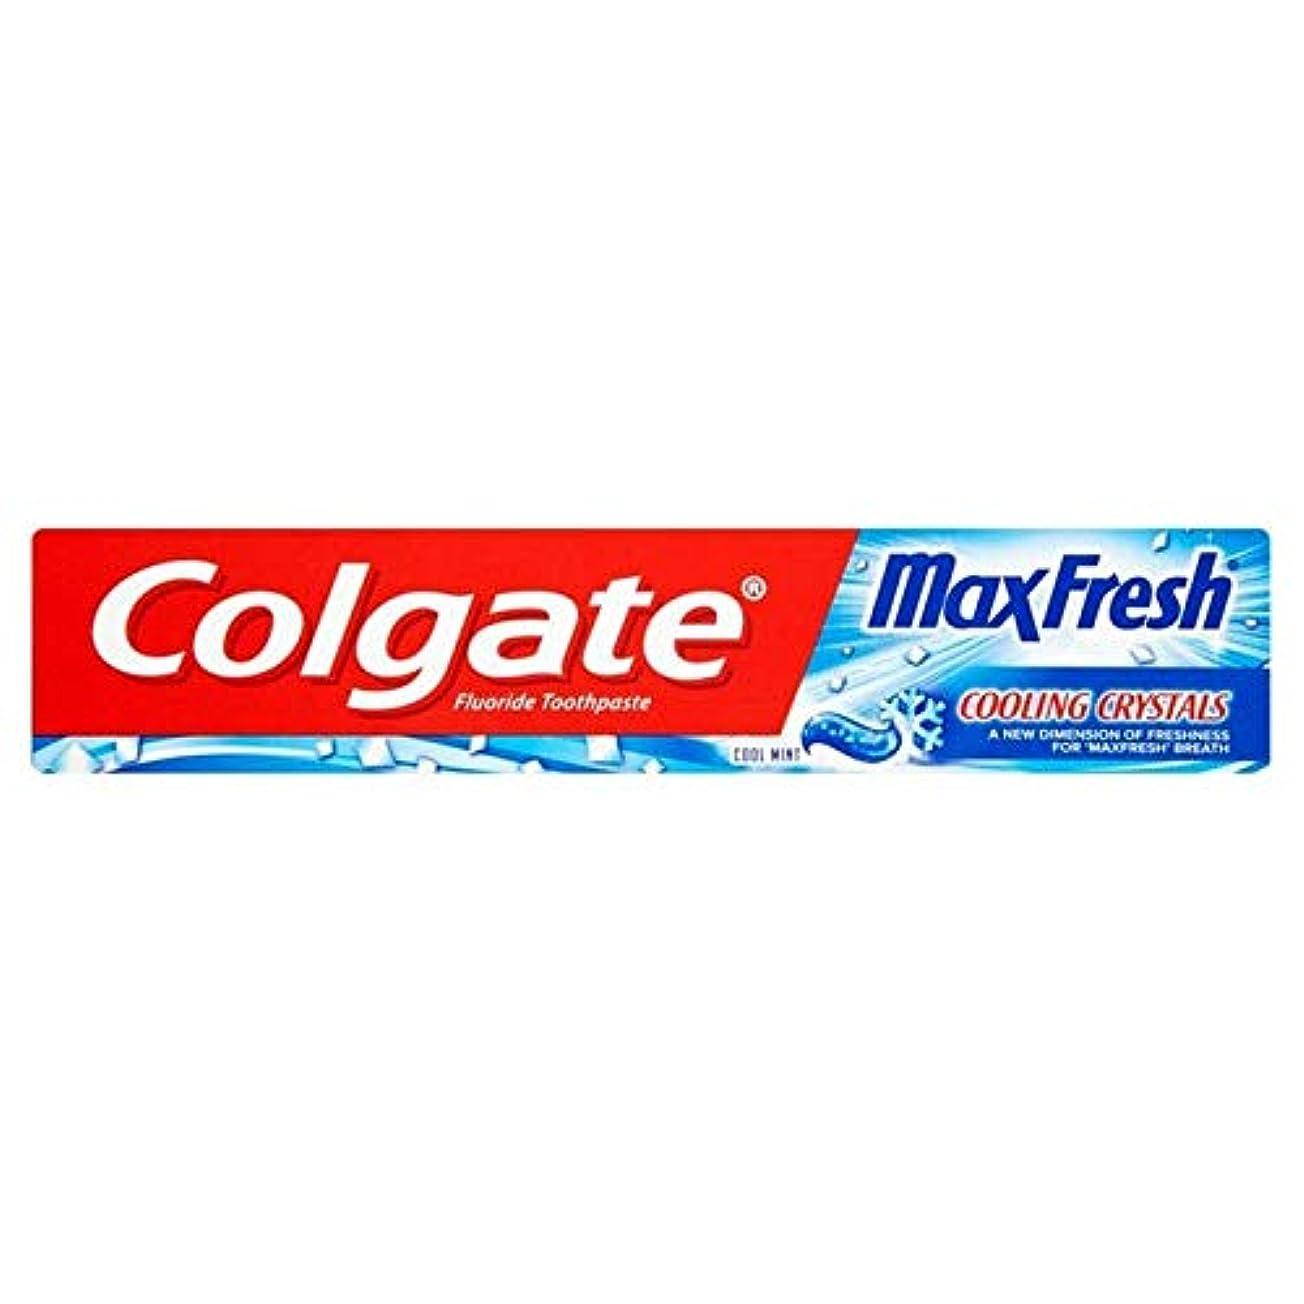 意図的移動するスクラップブック[Colgate ] 冷却結晶歯磨き粉75ミリリットル新鮮なコルゲートマックス - Colgate Max Fresh with Cooling Crystals Toothpaste 75ml [並行輸入品]